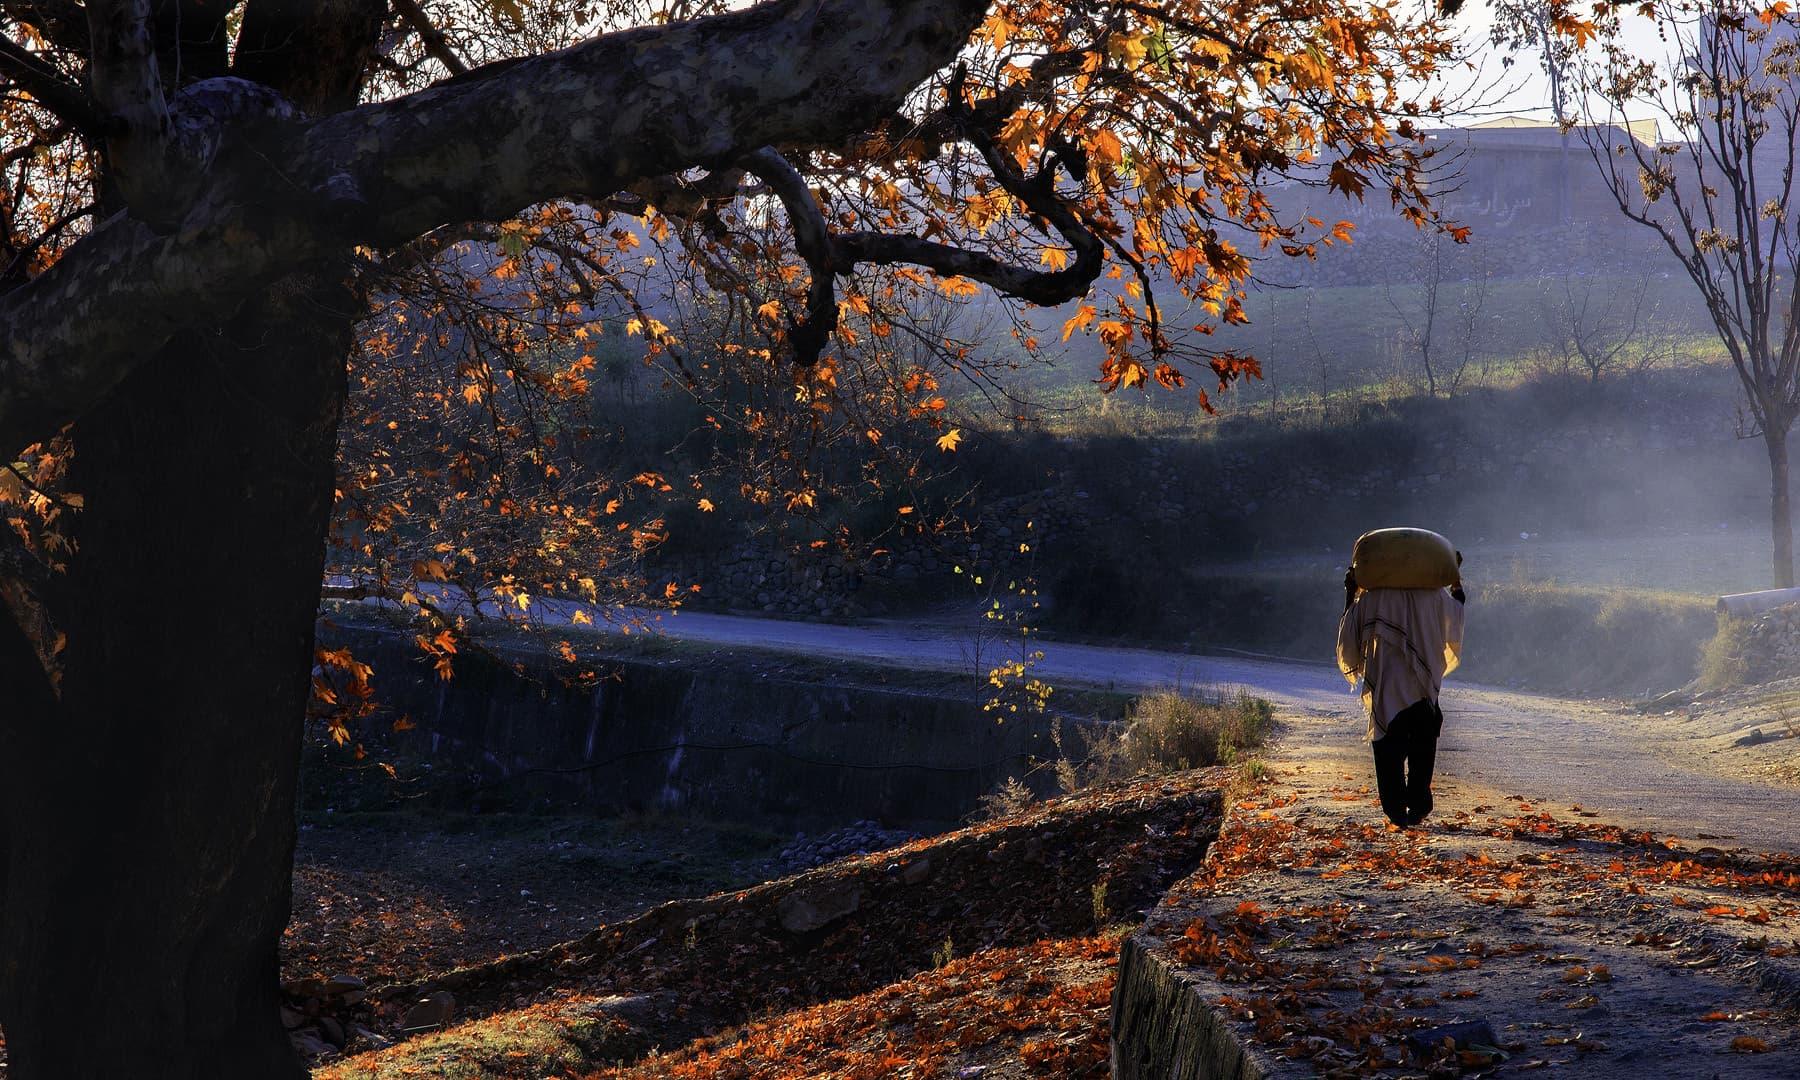 خوازہ خیلہ میں میپل کے درخت کے نیچے. — فوٹو سید مہدی بخاری۔